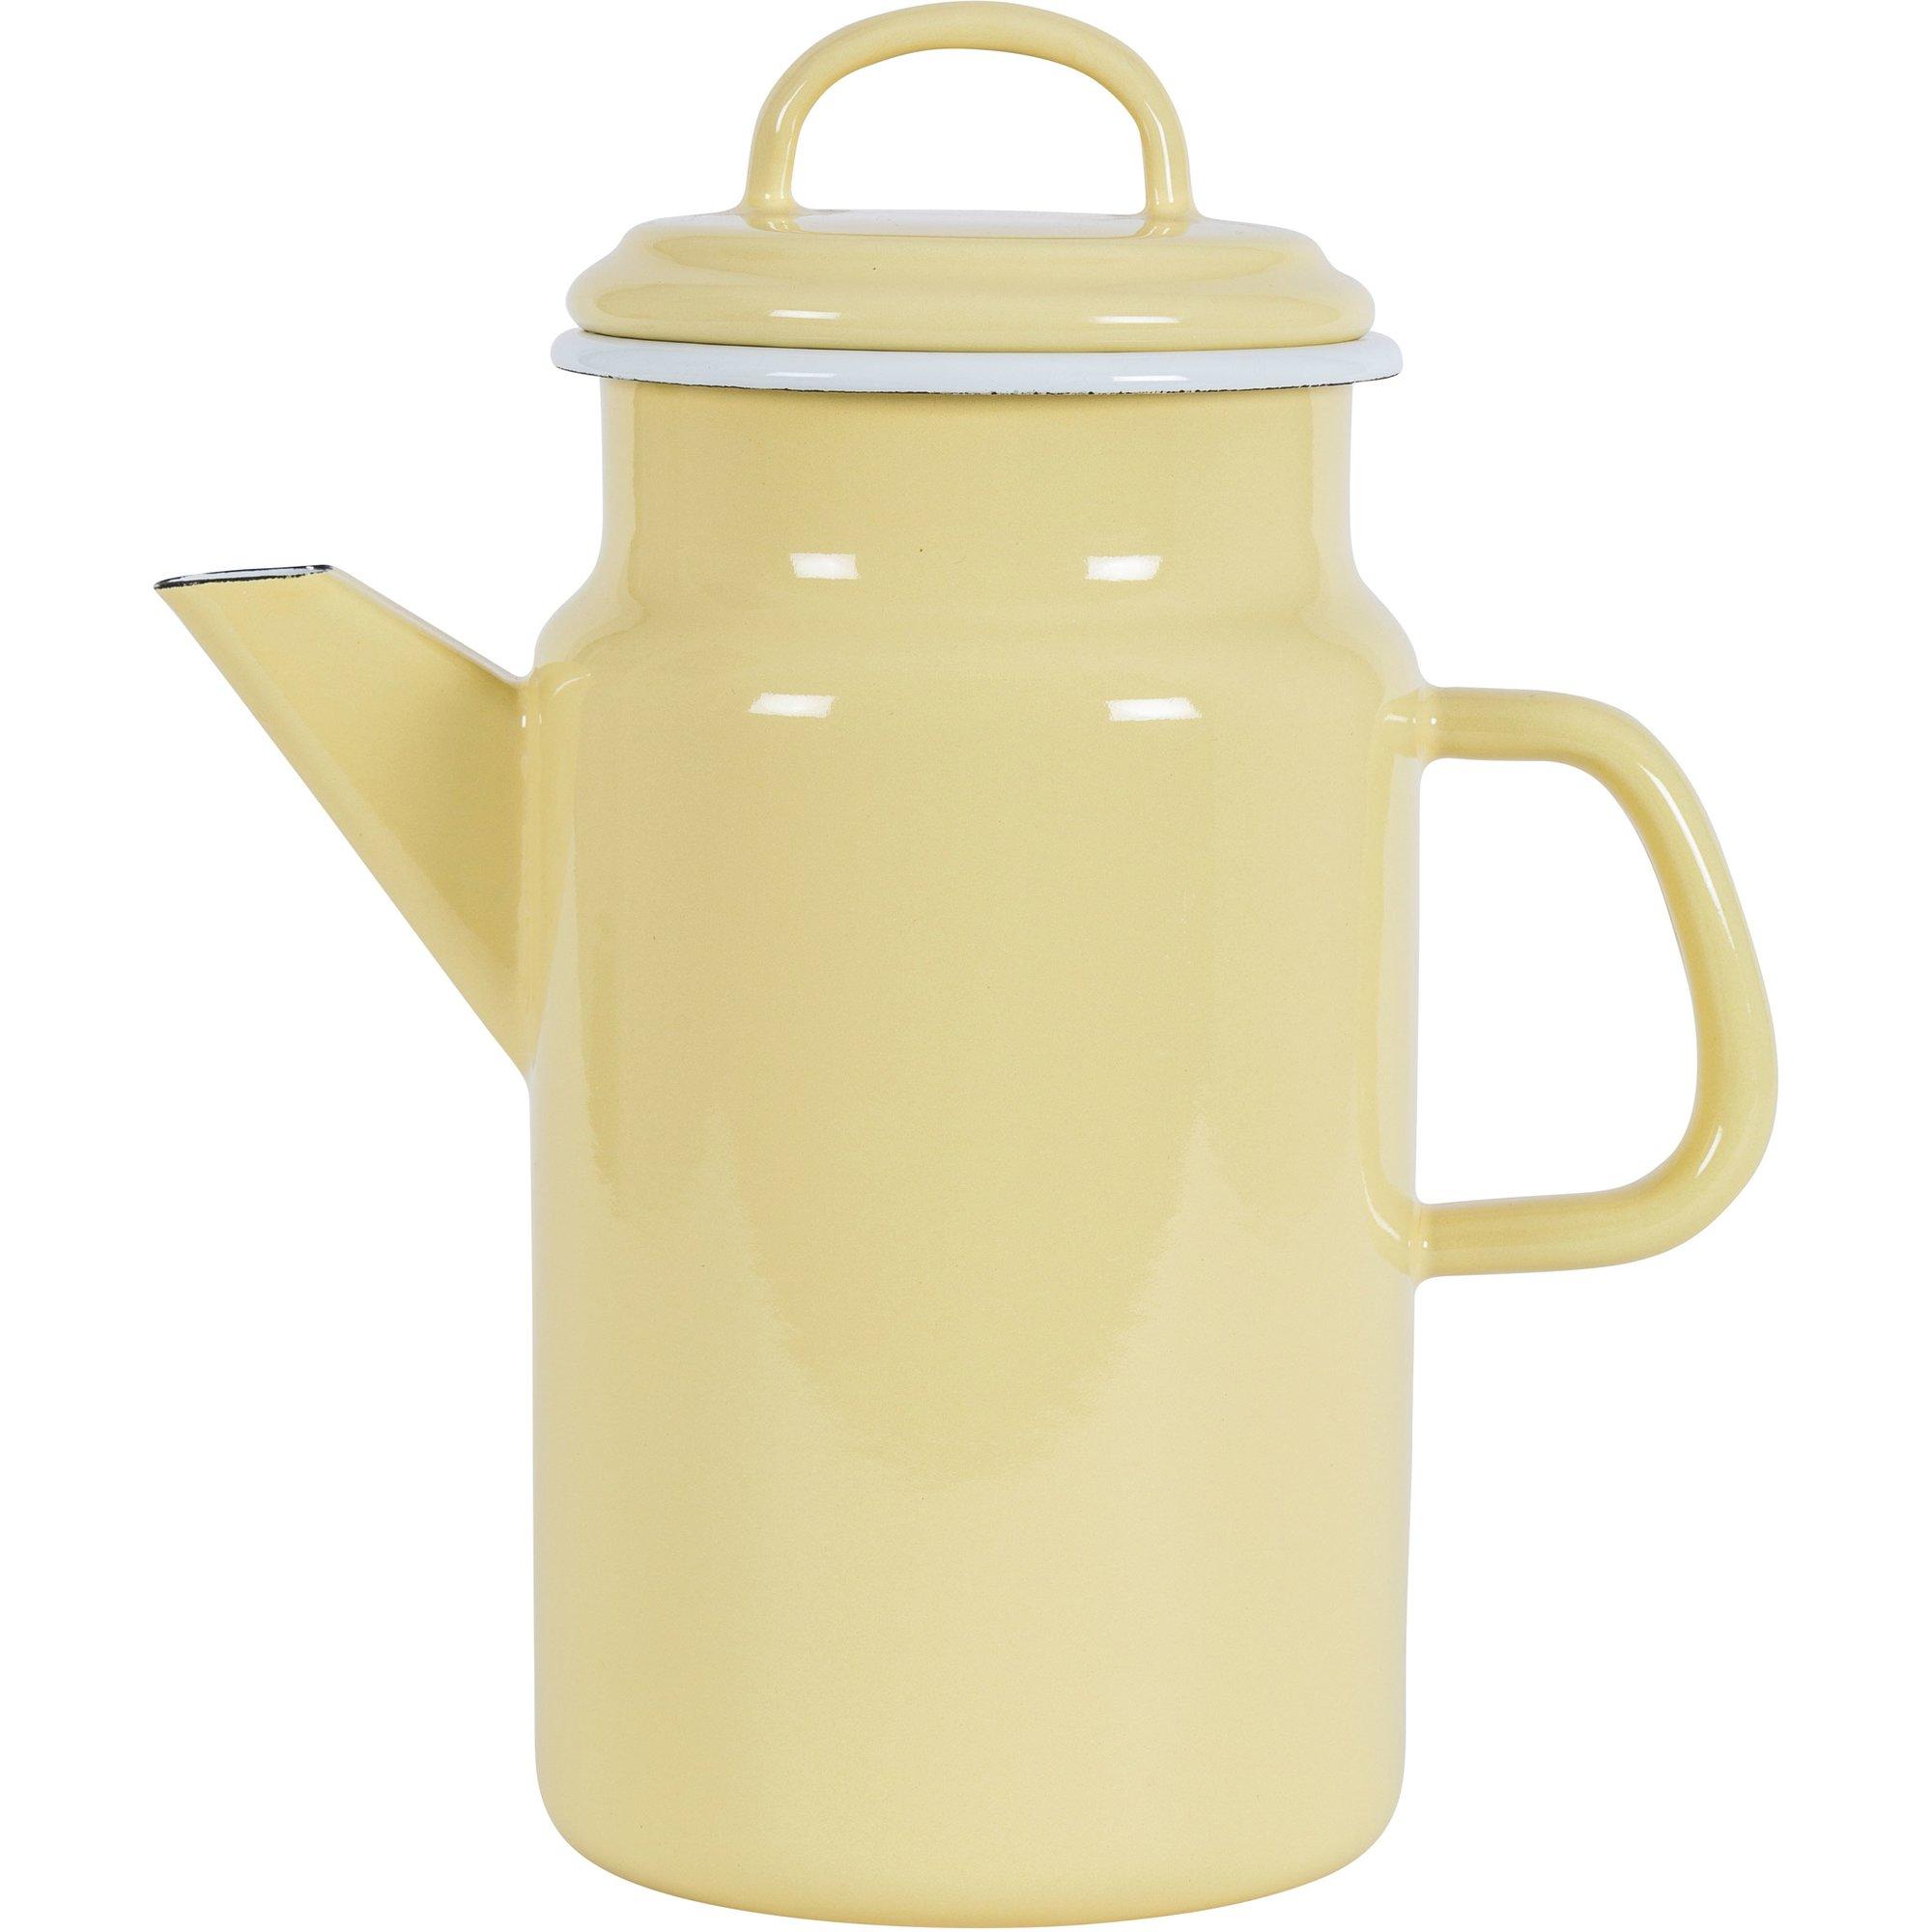 Kockums Jernverk Tekanna 2 liter gul